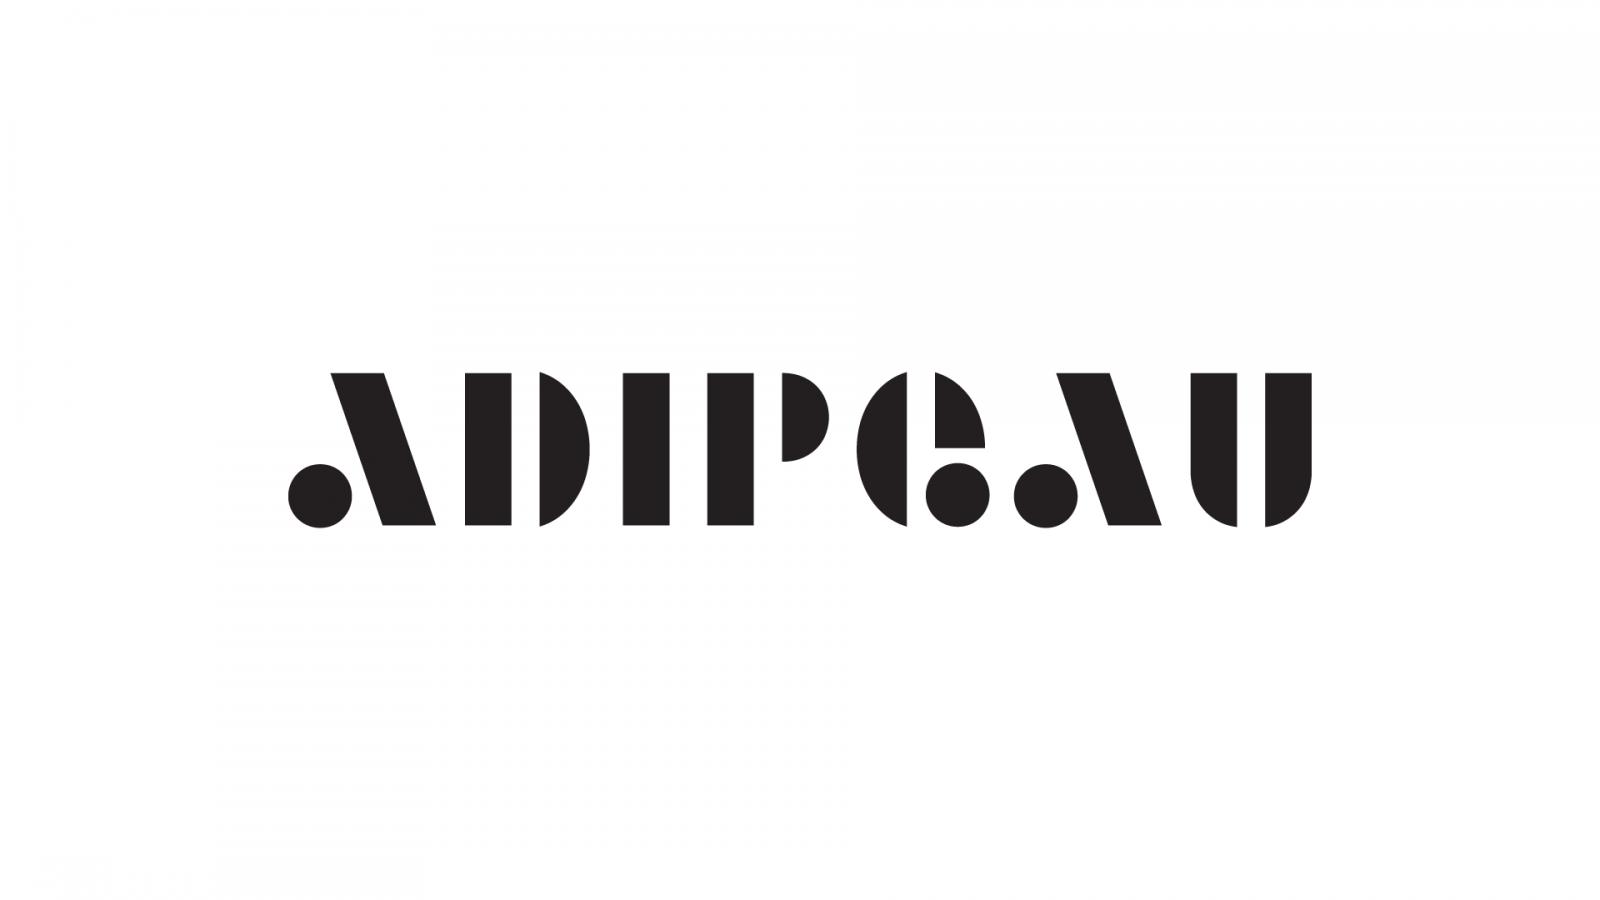 adipeau-logo